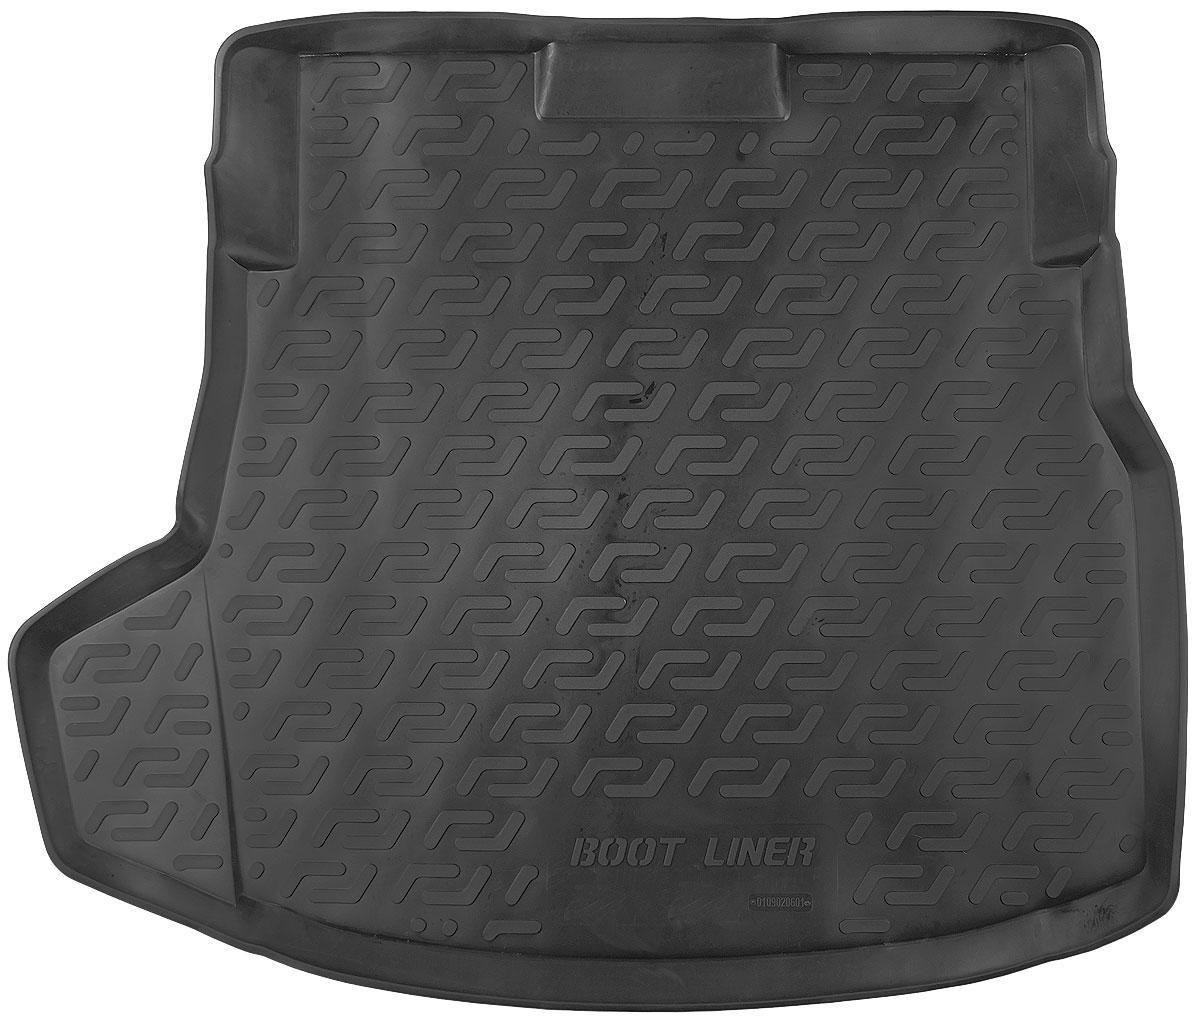 Коврик в багажник L.Locker, для Toyota Corolla XI sd (13-)0109020601Коврик L.Locker производится индивидуально для каждой модели автомобиля из современного и экологически чистого материала. Изделие точно повторяет геометрию пола автомобиля, имеет высокий борт, обладает повышенной износоустойчивостью, антискользящими свойствами, лишен резкого запаха и сохраняет свои потребительские свойства в широком диапазоне температур (от -50°С до +80°С).